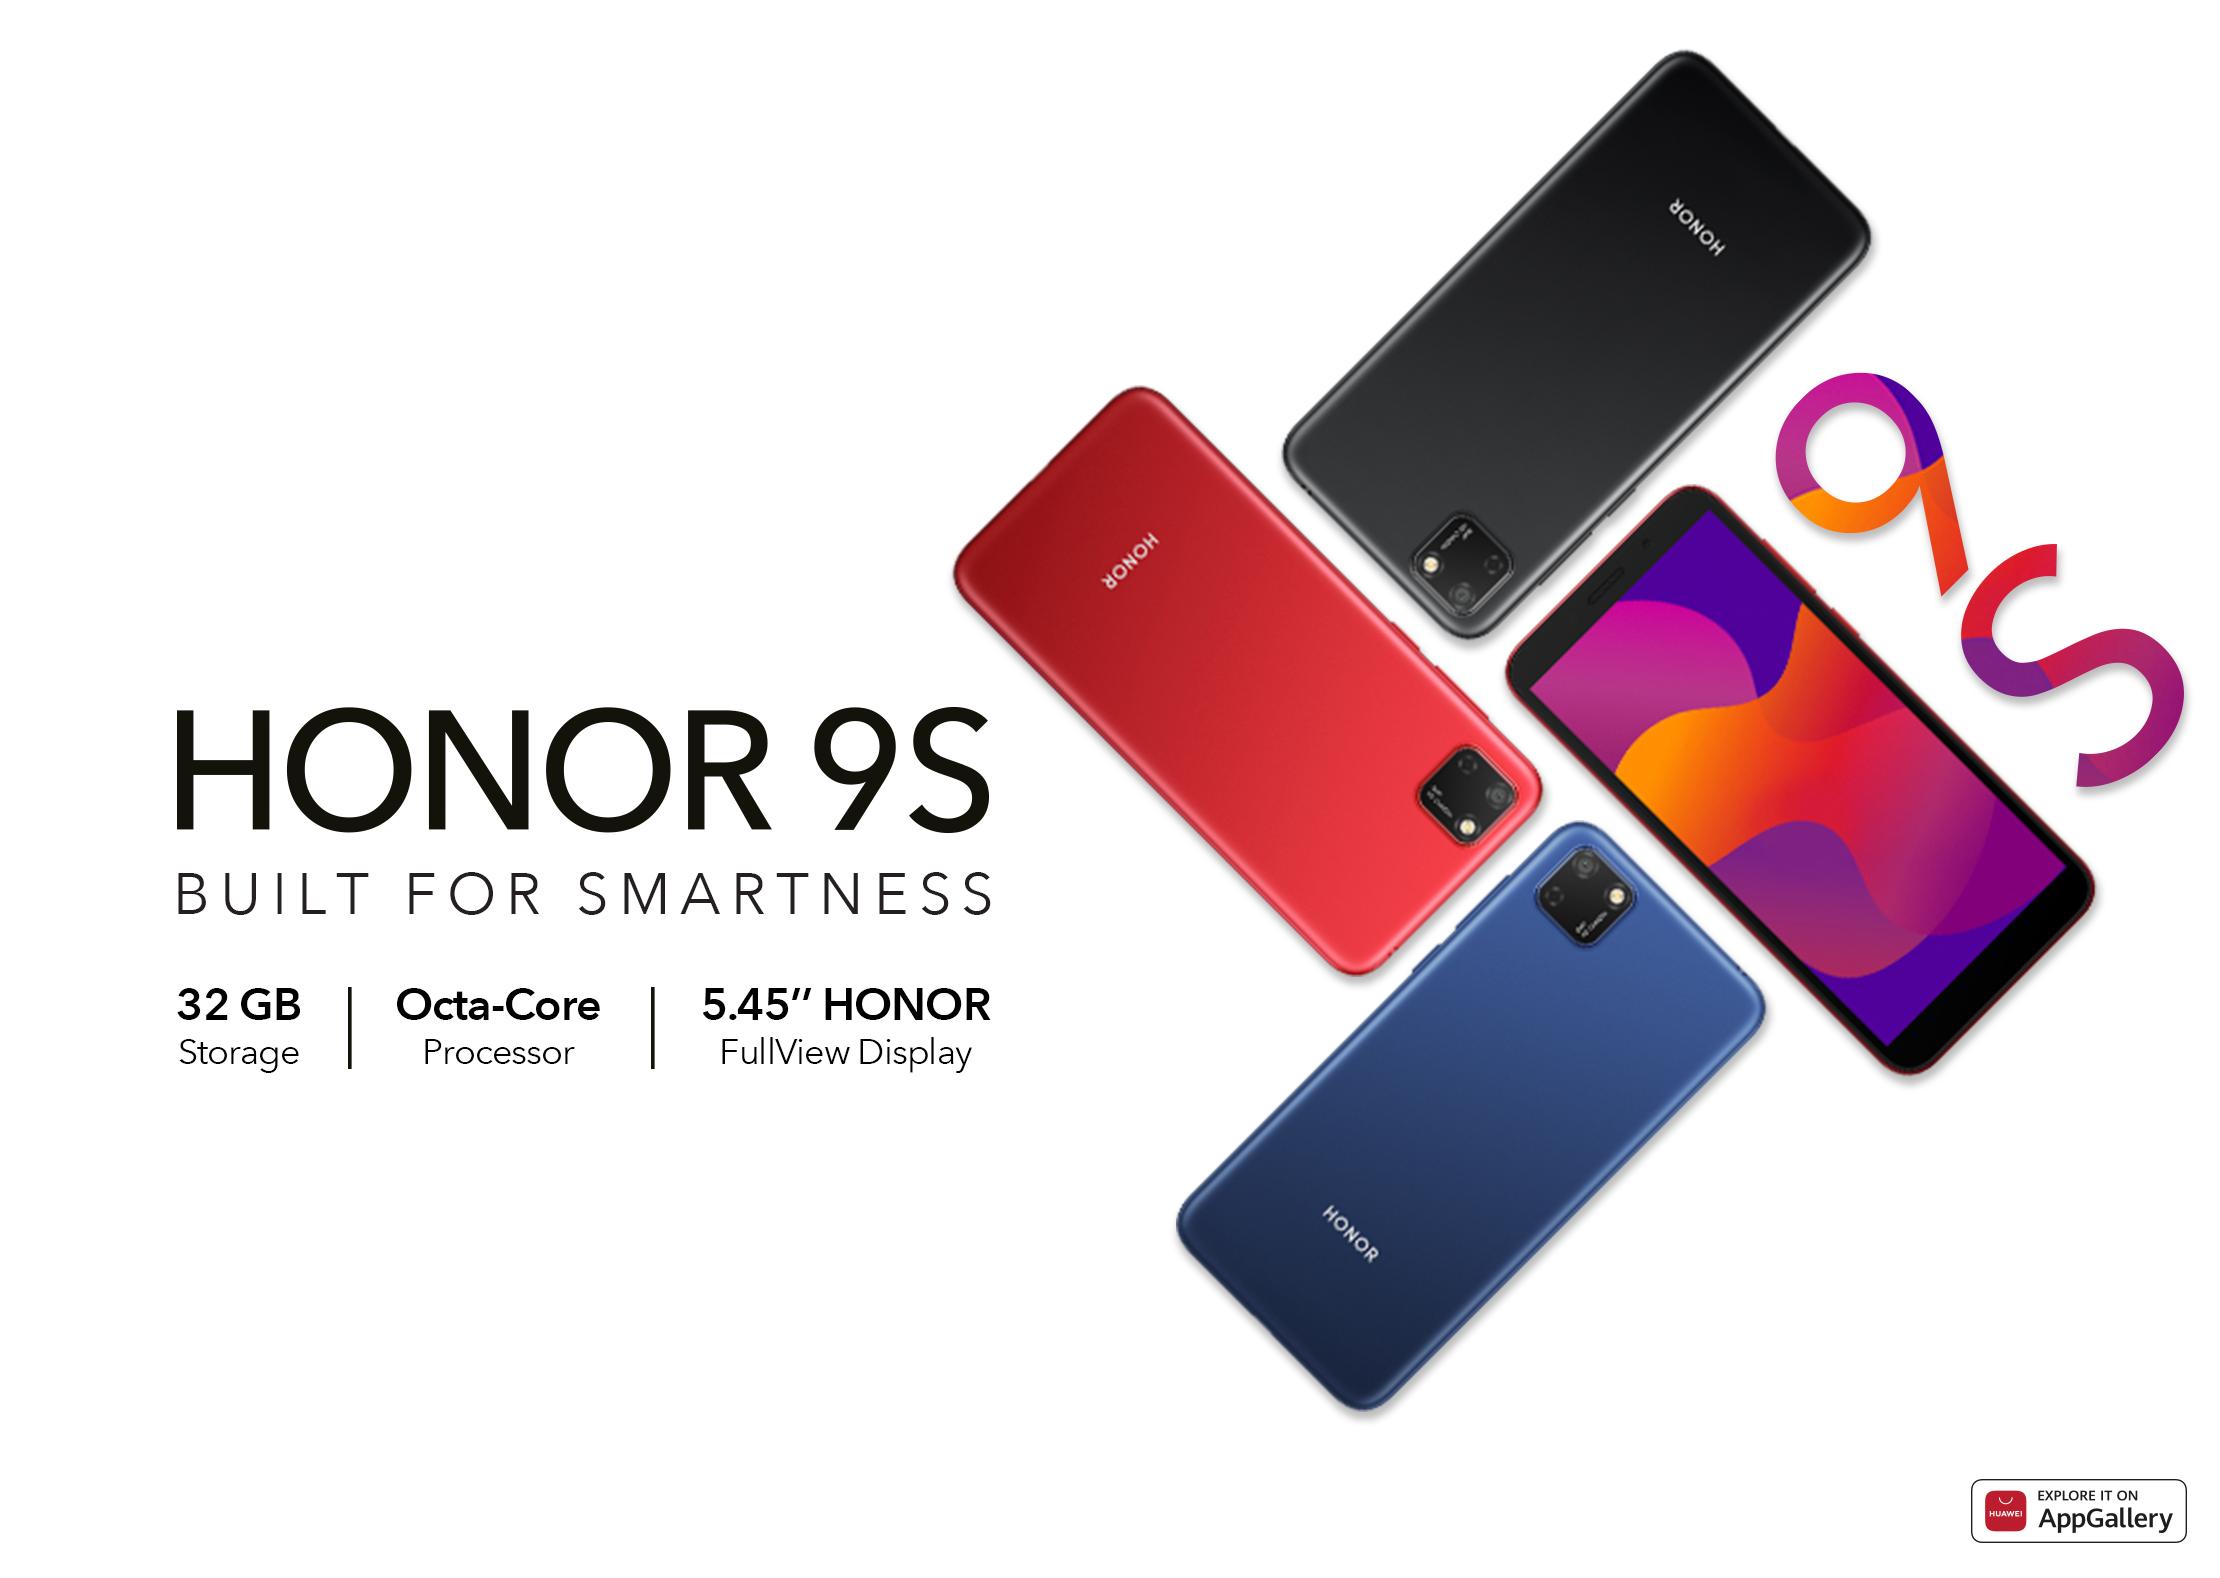 Budget-Friendly စမတ်ဖုန်း HONOR 9S ကို HONOR စတင်မိတ်ဆက်